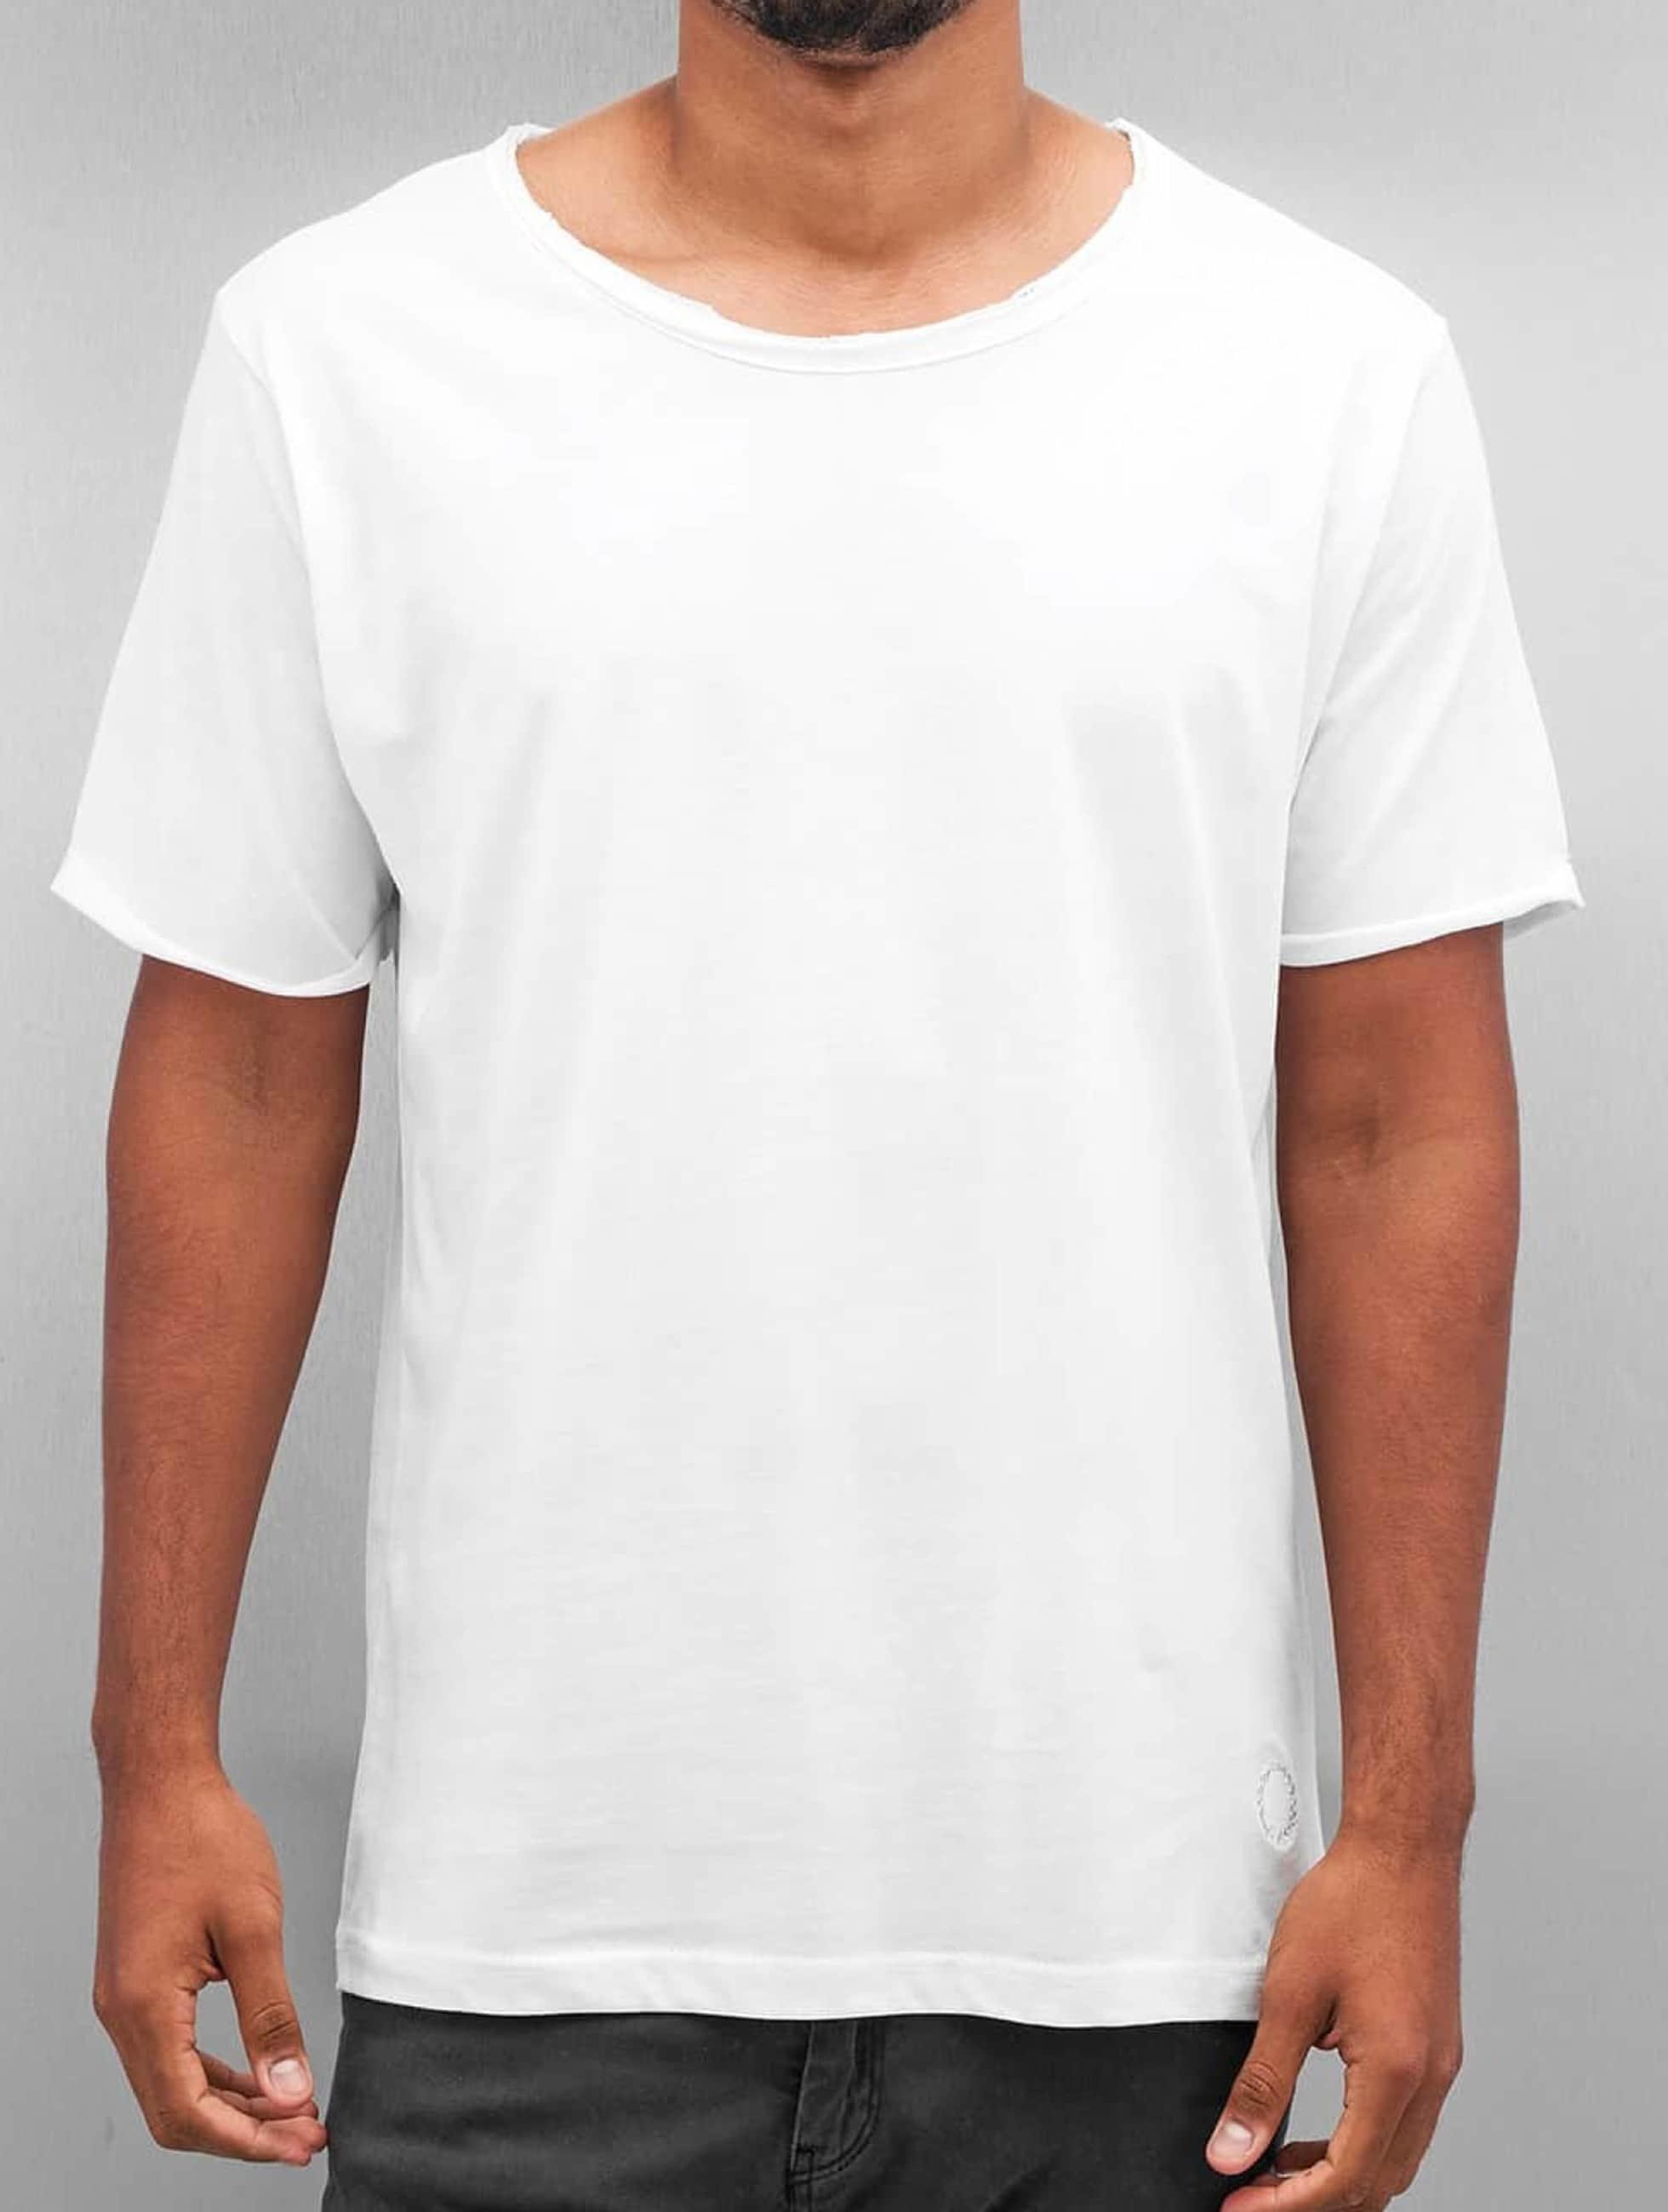 Yezz Männer T-Shirt Blank in weiß